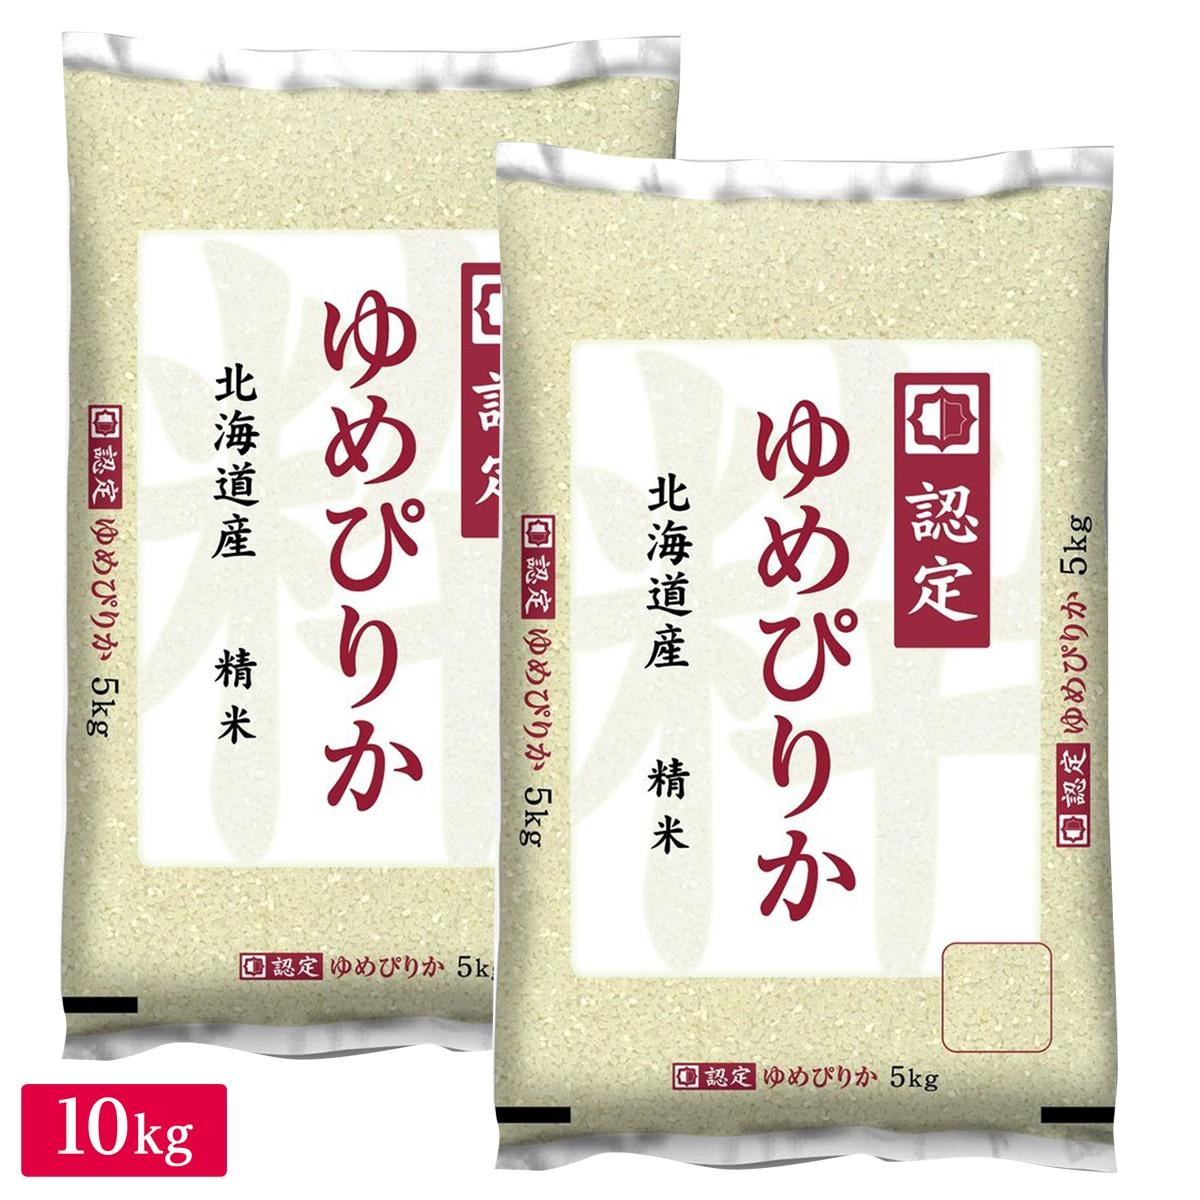 ■◇令和2年産 北海道産 特A ゆめぴりか 10kg(5kg×2袋)